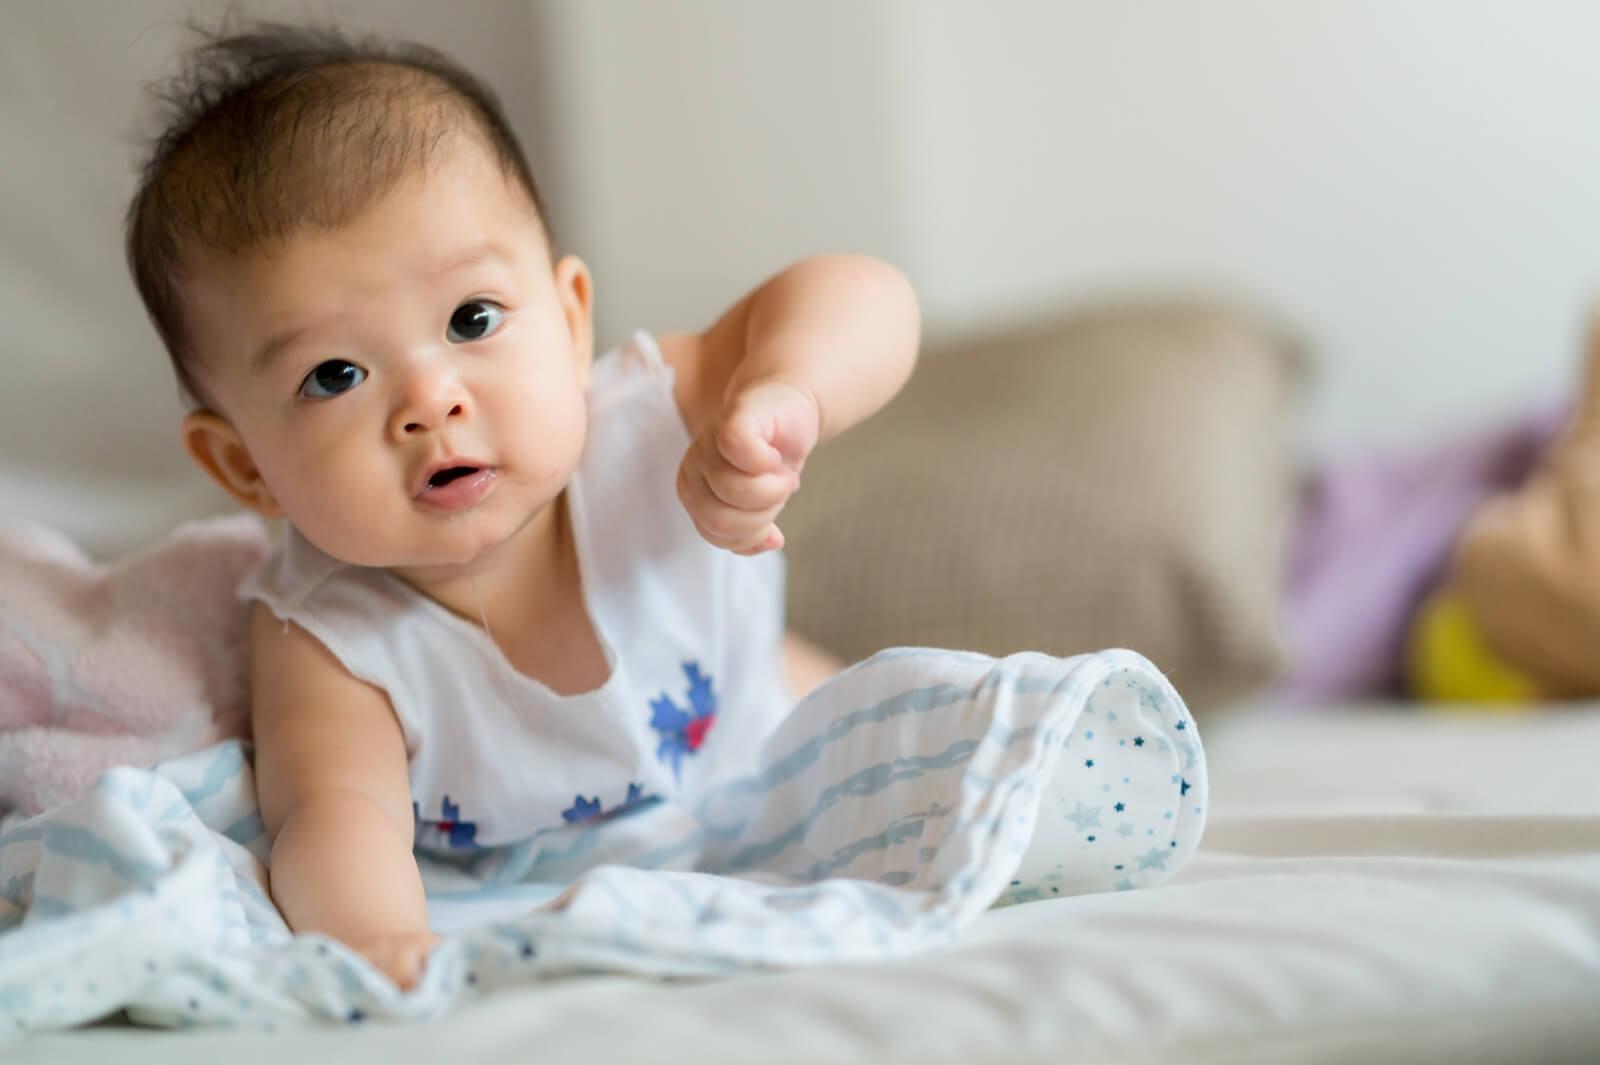 Pada Usia Berapa Bayi Sudah Mulai Bisa Merangkak?